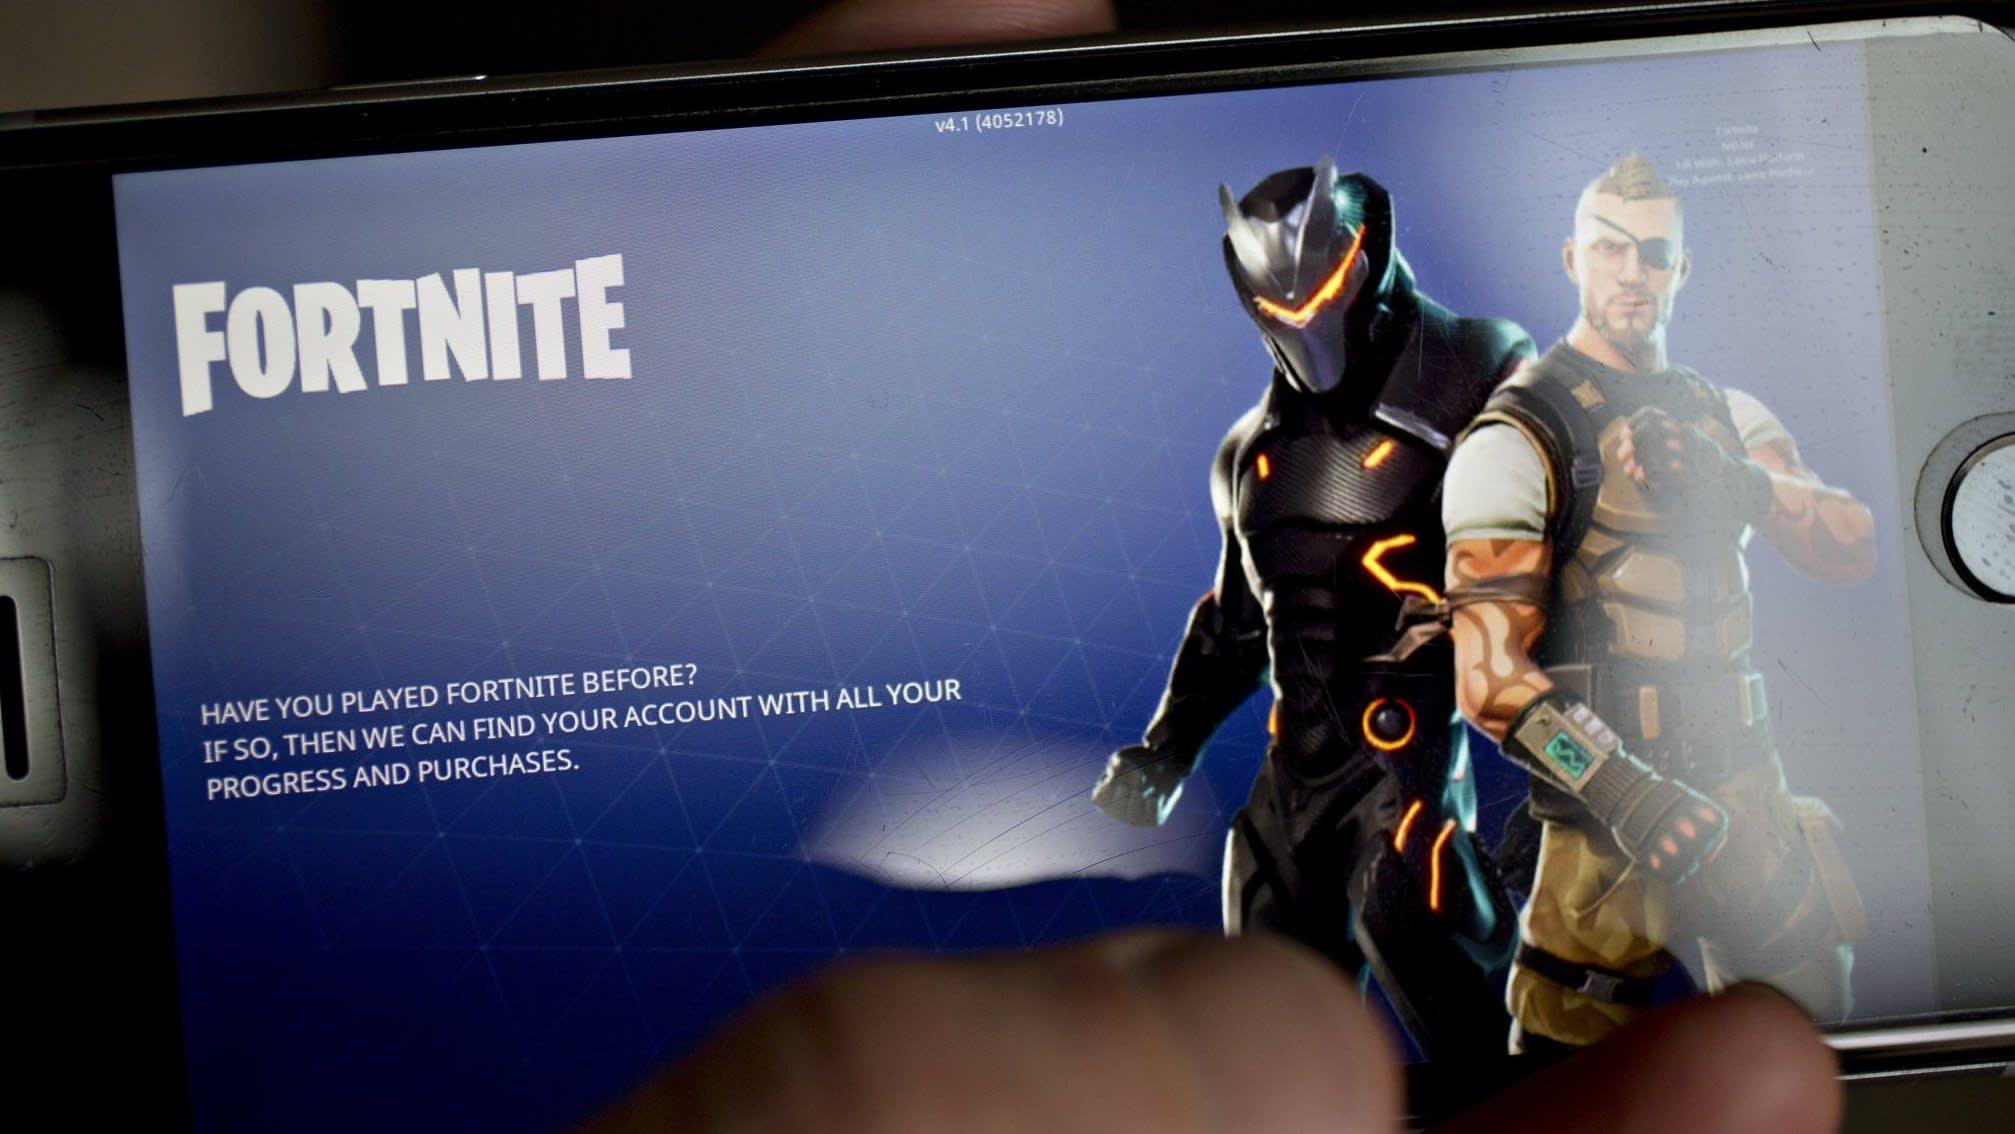 Fortnite developer Epic Games raises $1.25bn